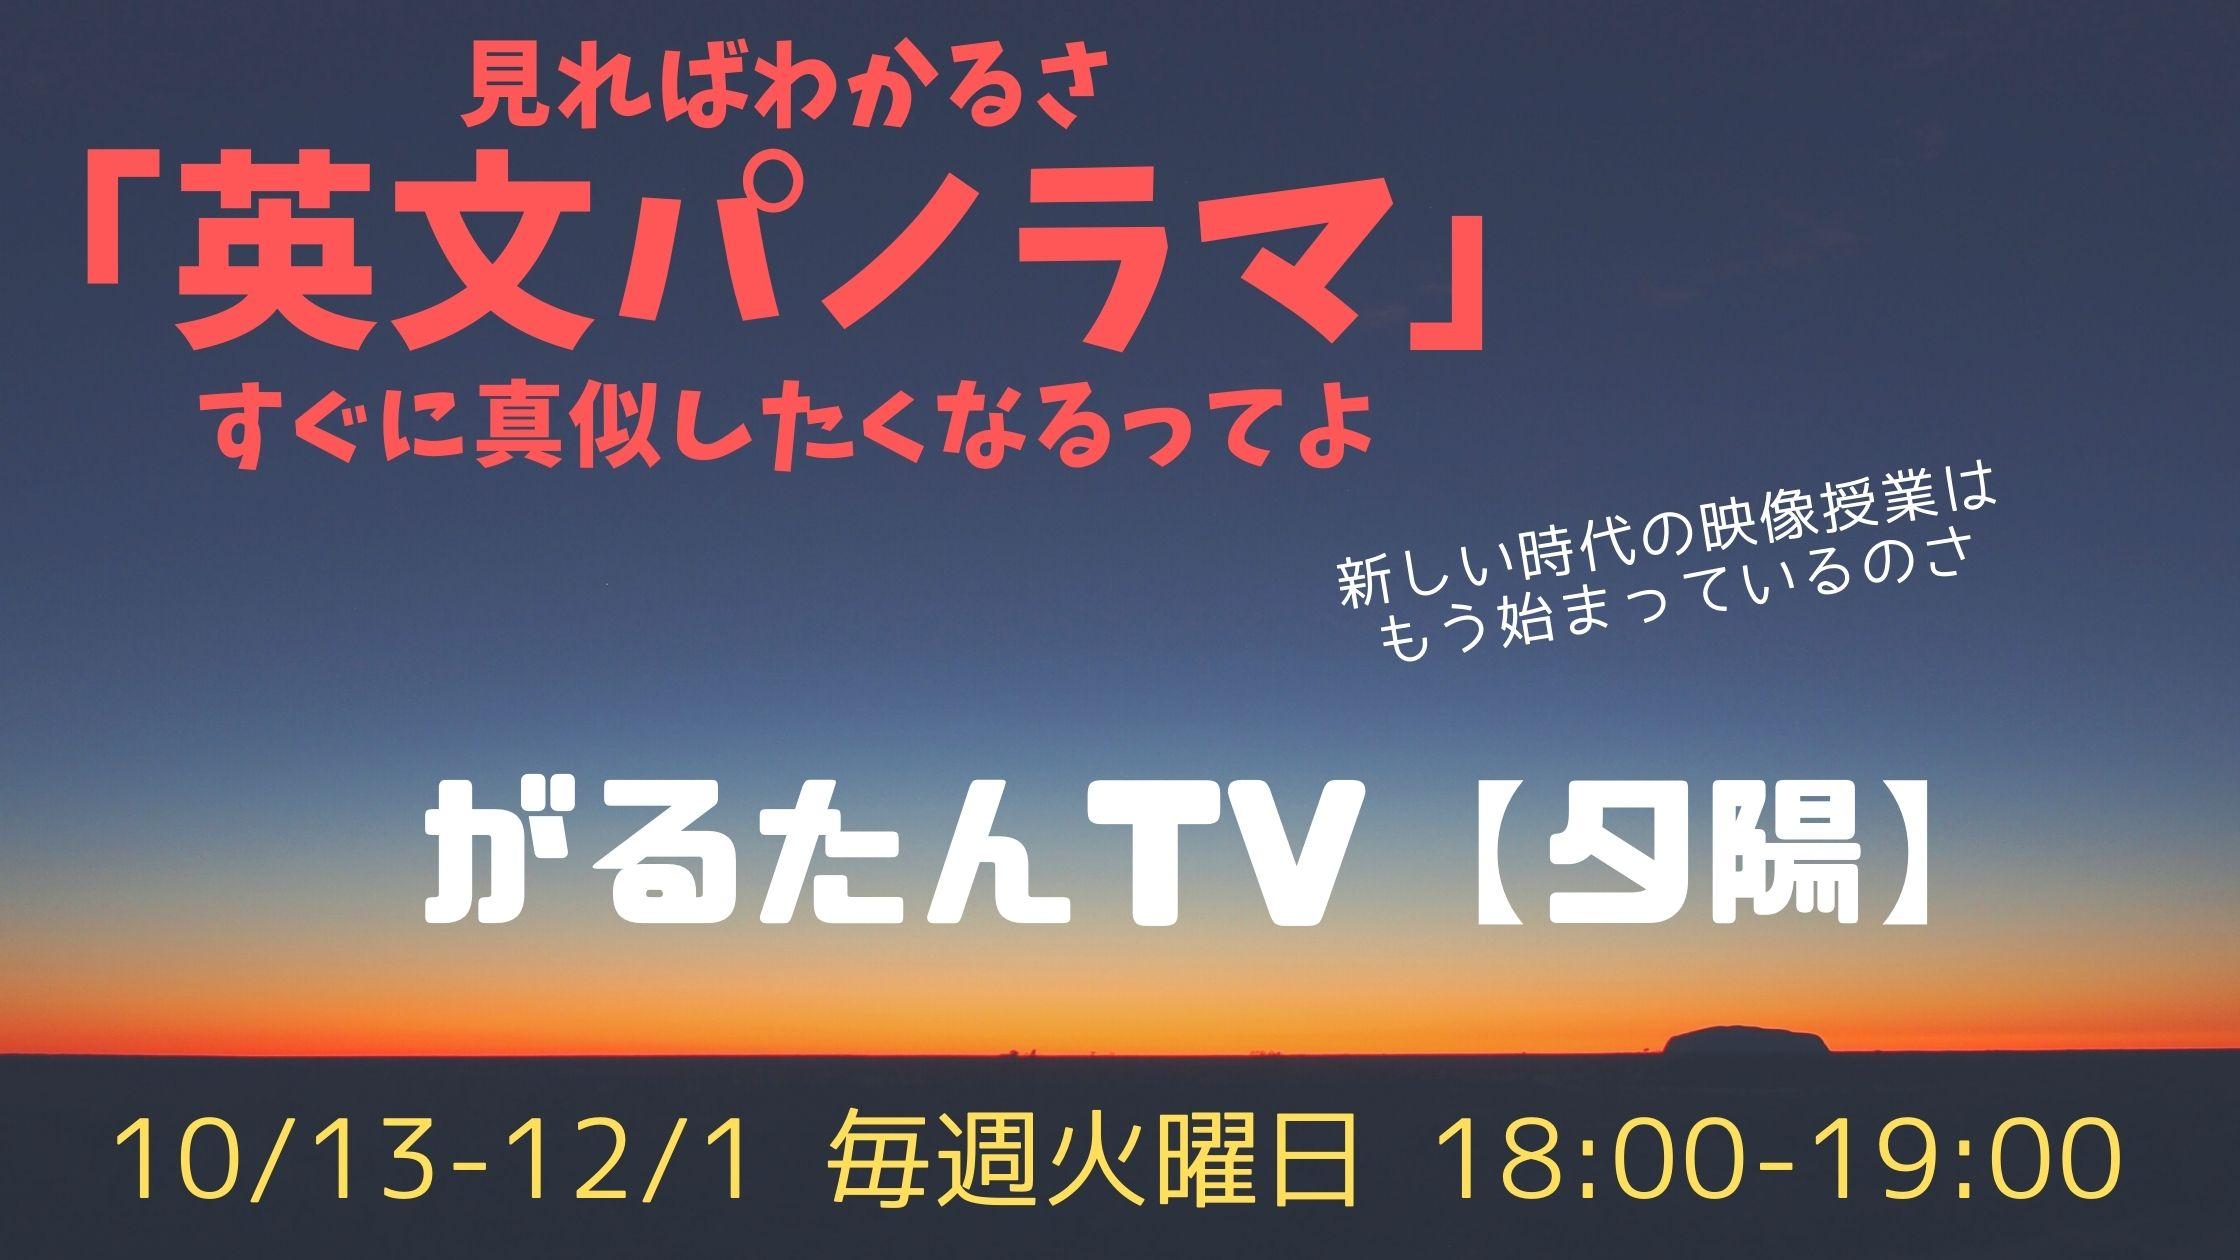 がるたんTV【夕陽-sunset-】『英文パノラマ』全8回分チケット